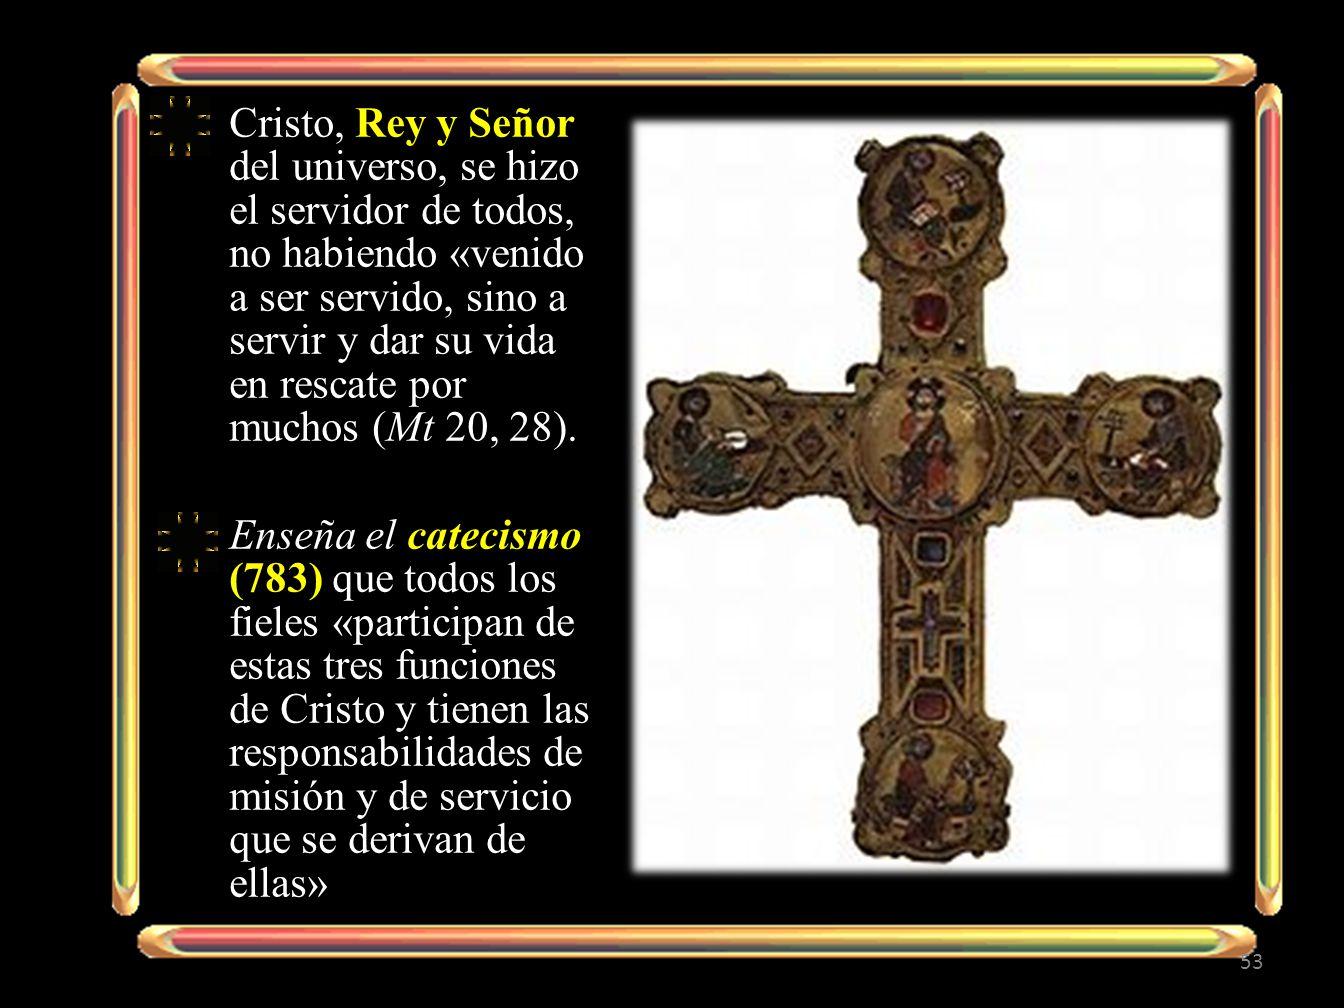 Cristo, Rey y Señor del universo, se hizo el servidor de todos, no habiendo «venido a ser servido, sino a servir y dar su vida en rescate por muchos (Mt 20, 28).